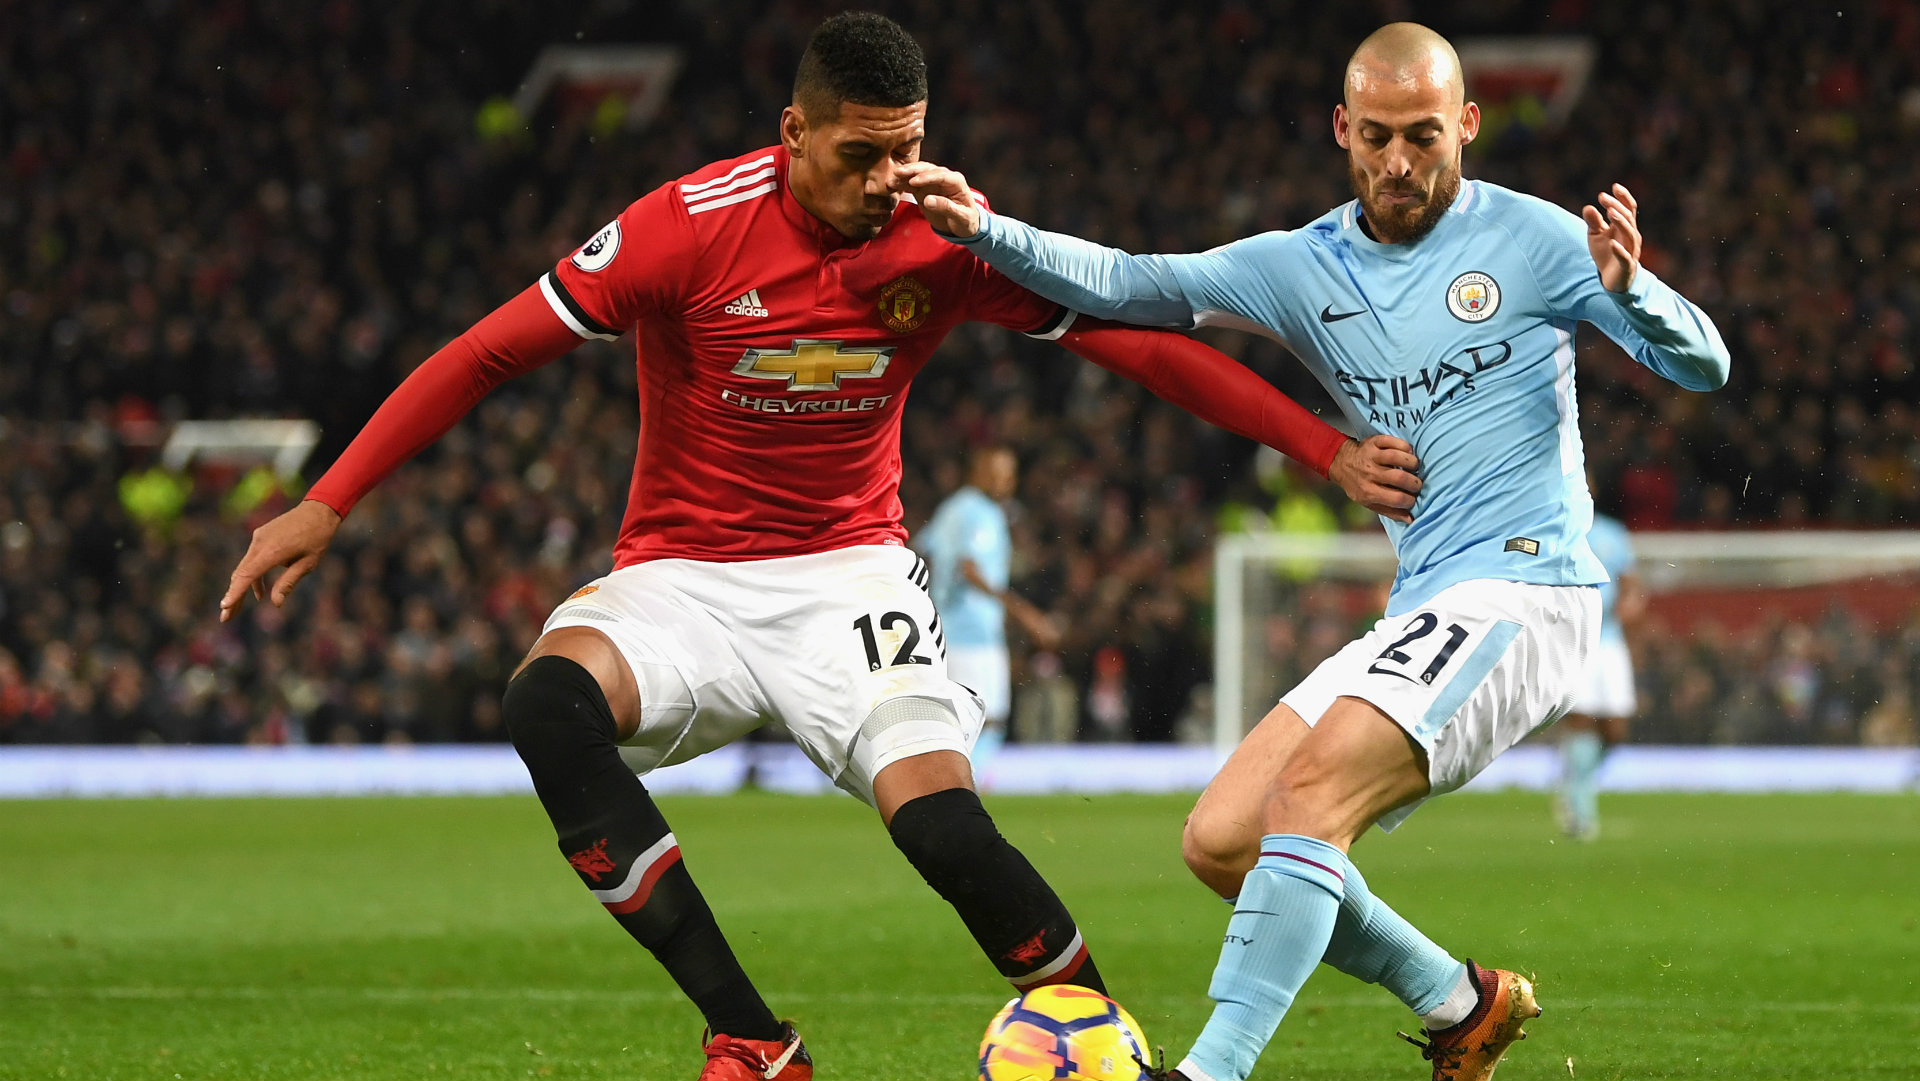 Seconda Maglia Manchester United Ederson